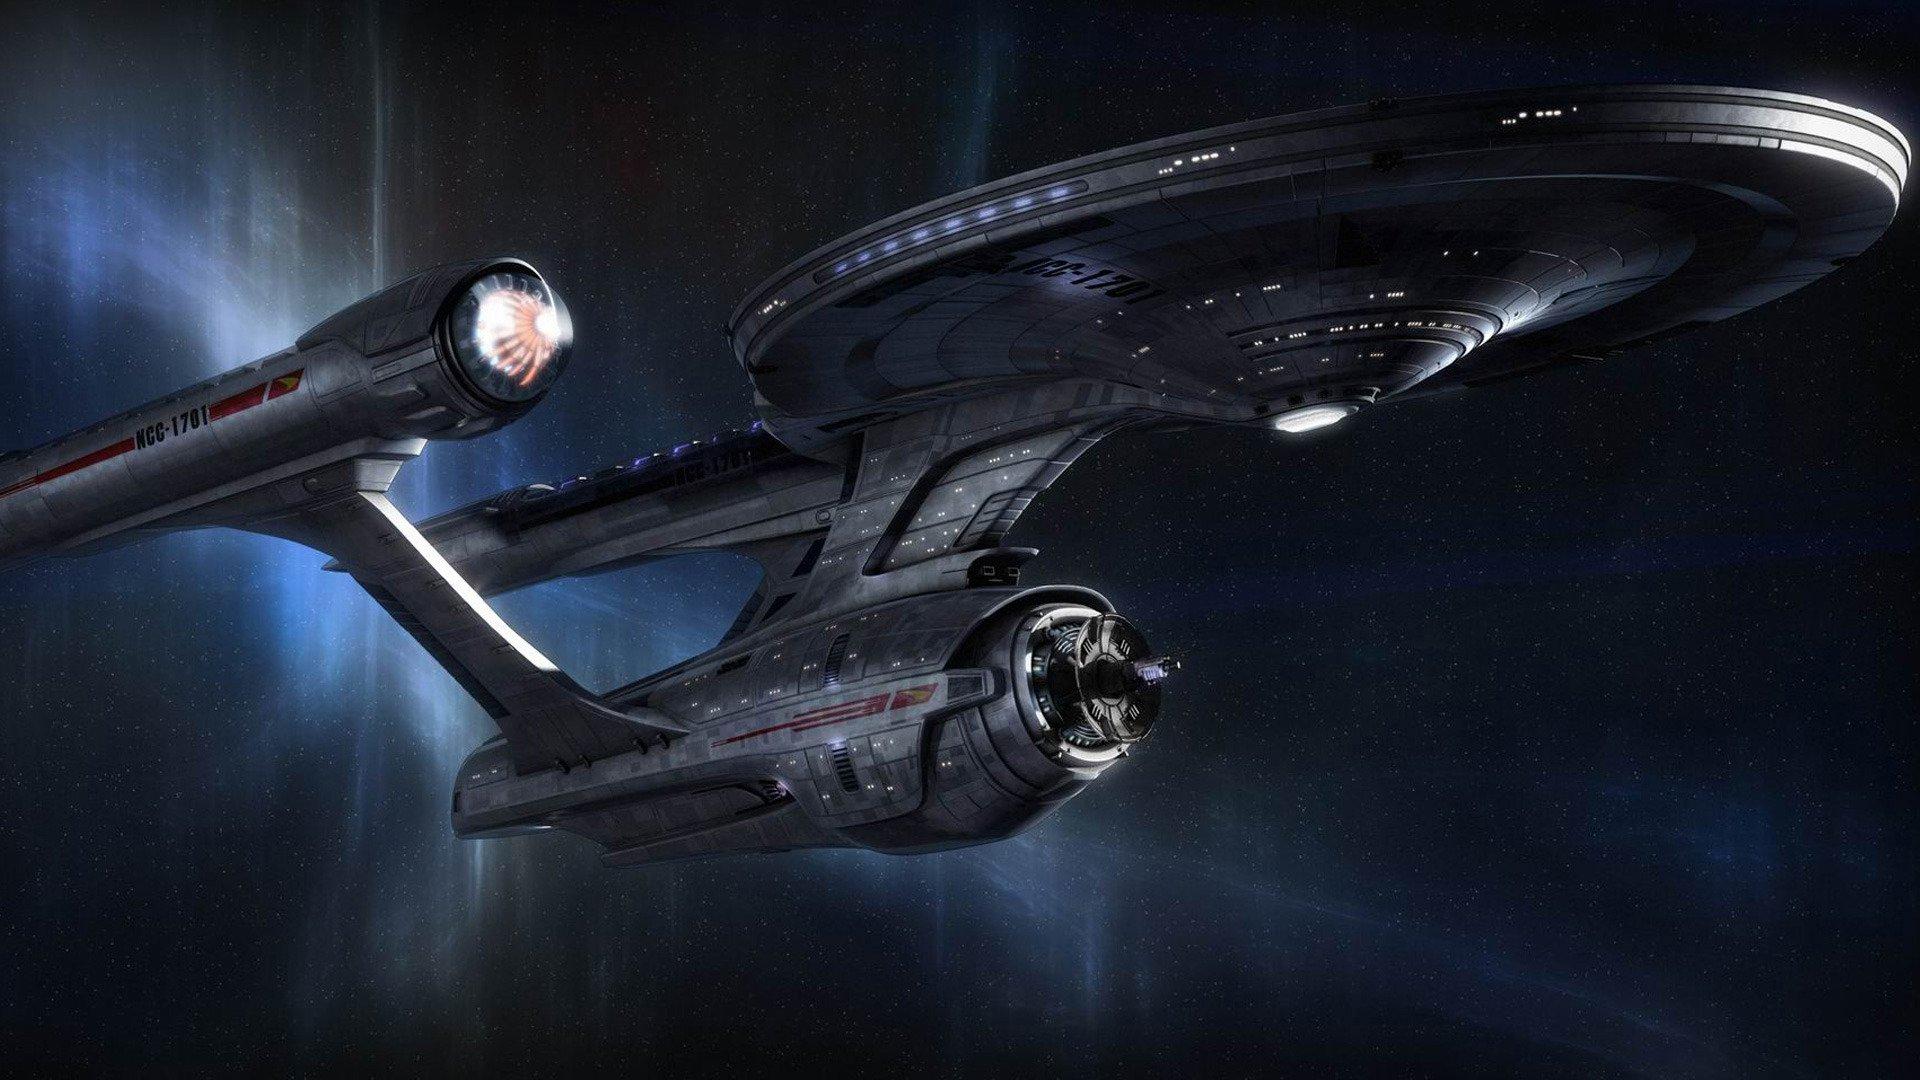 star trek enterprise 1920x1080